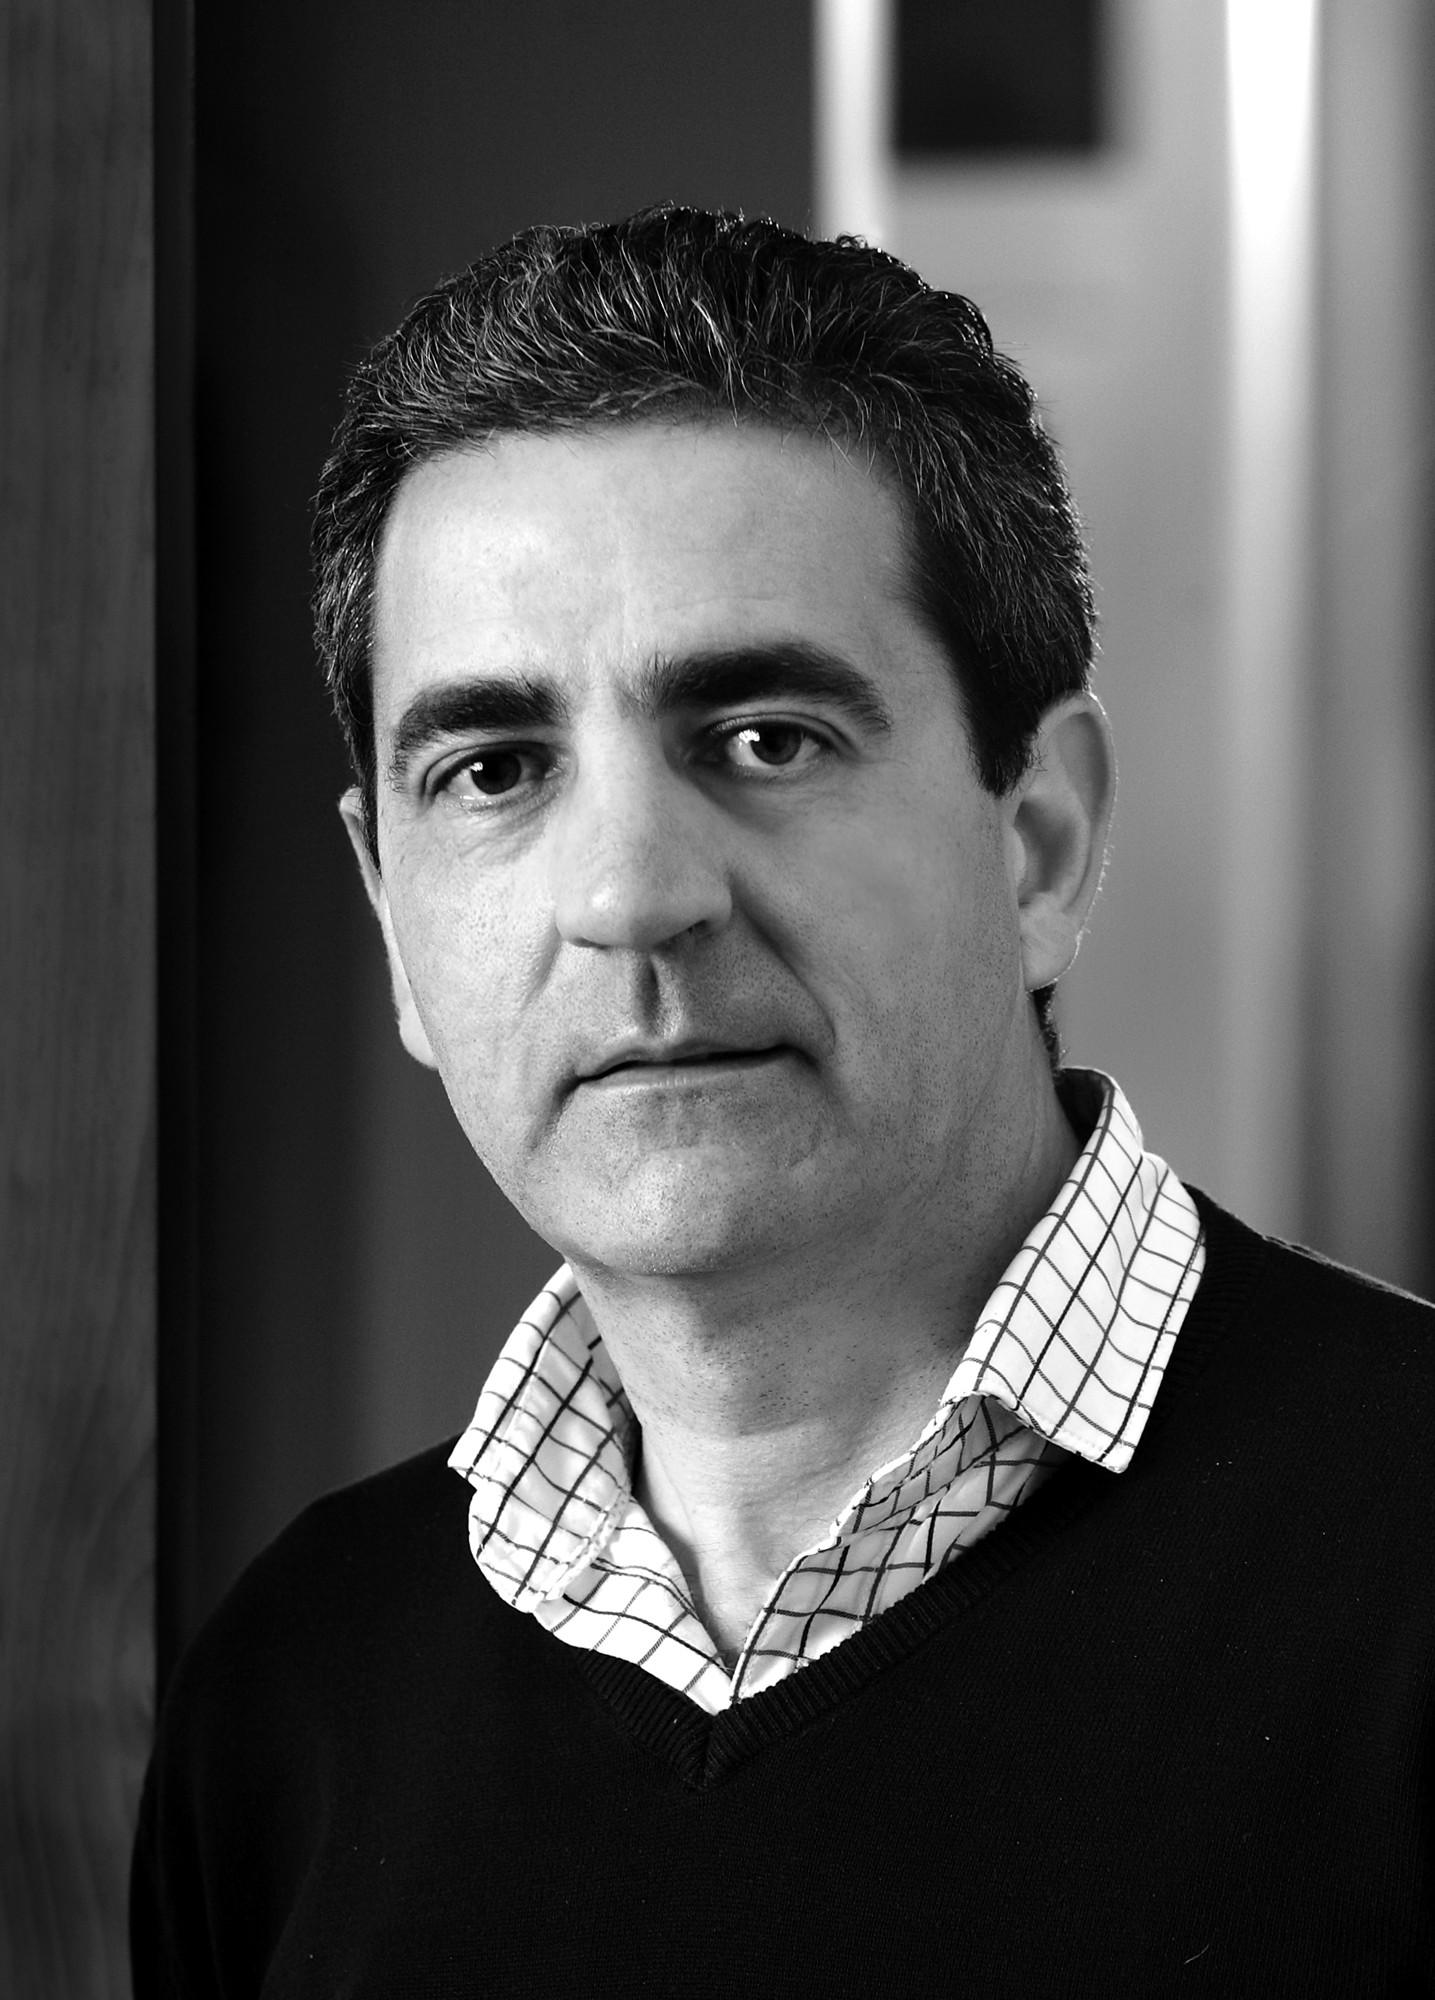 Antonio E. Ojeda